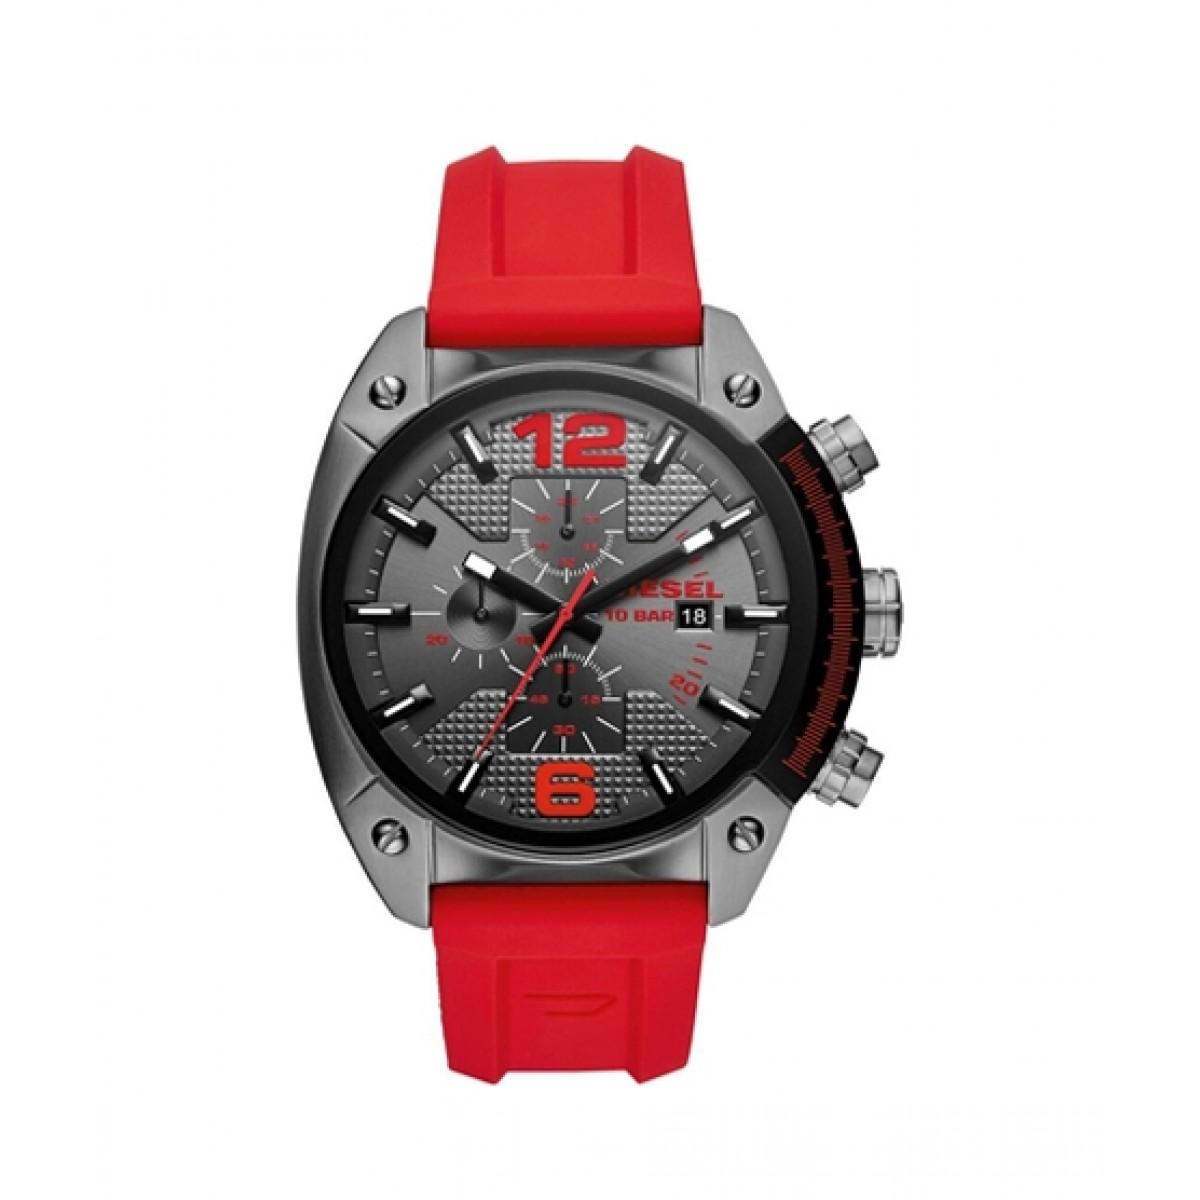 Diesel Overflow Men's Watch Red (DZ4481)